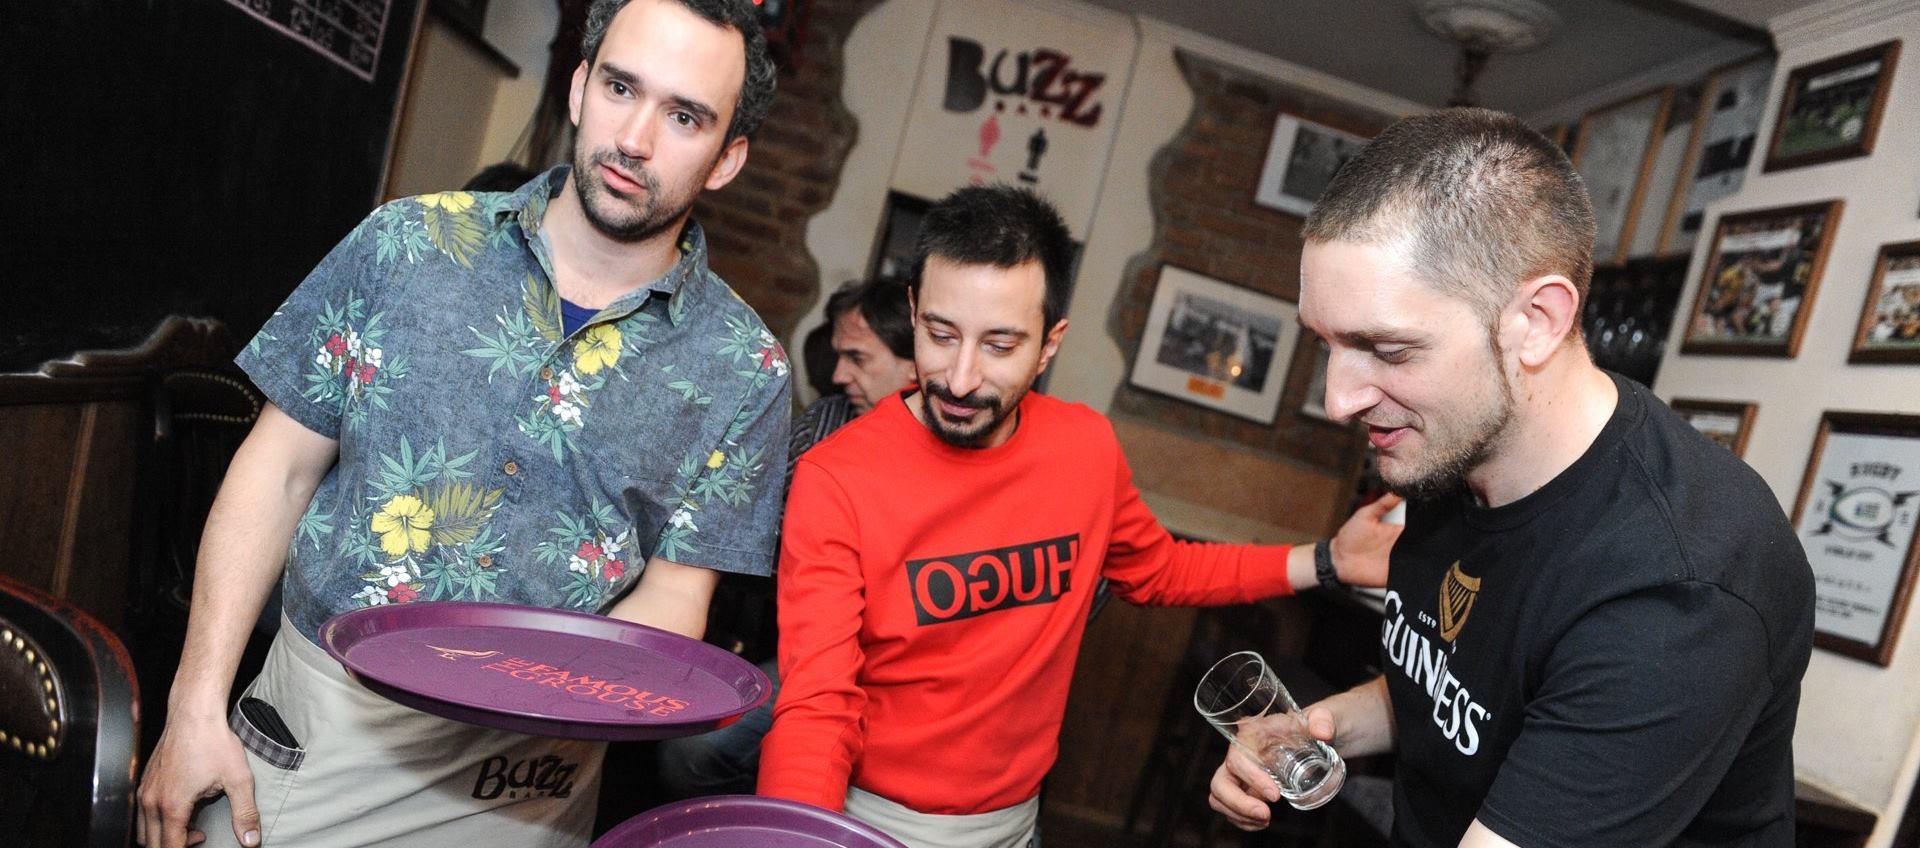 FOTO: Asim Ugljen i Marko Cindrić u Buzzu prikupili sredstva za humanitarnu akciju